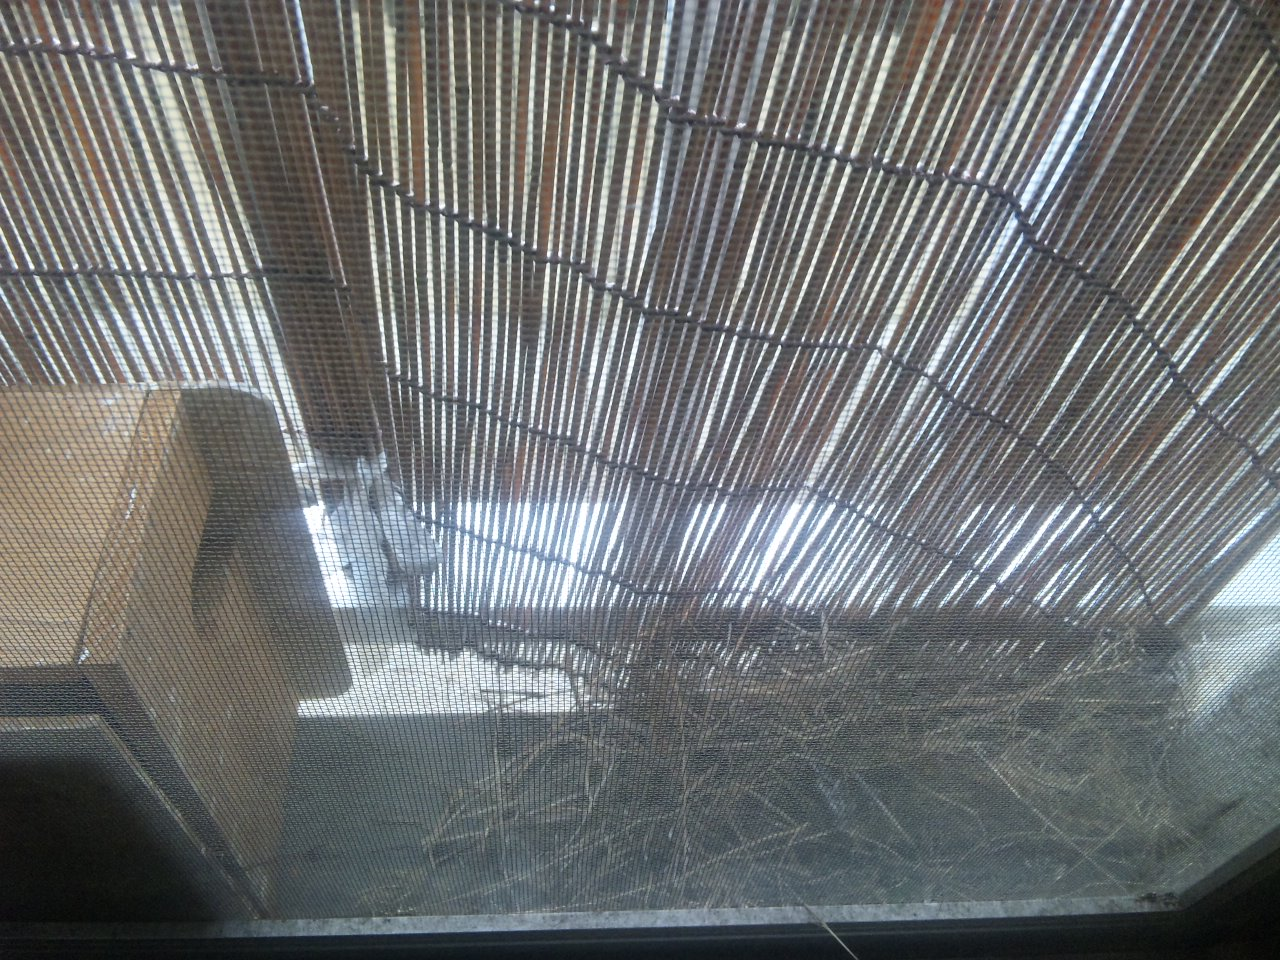 裏の窓と柵の間にも沢山の草、そして巣箱も置いてみた。